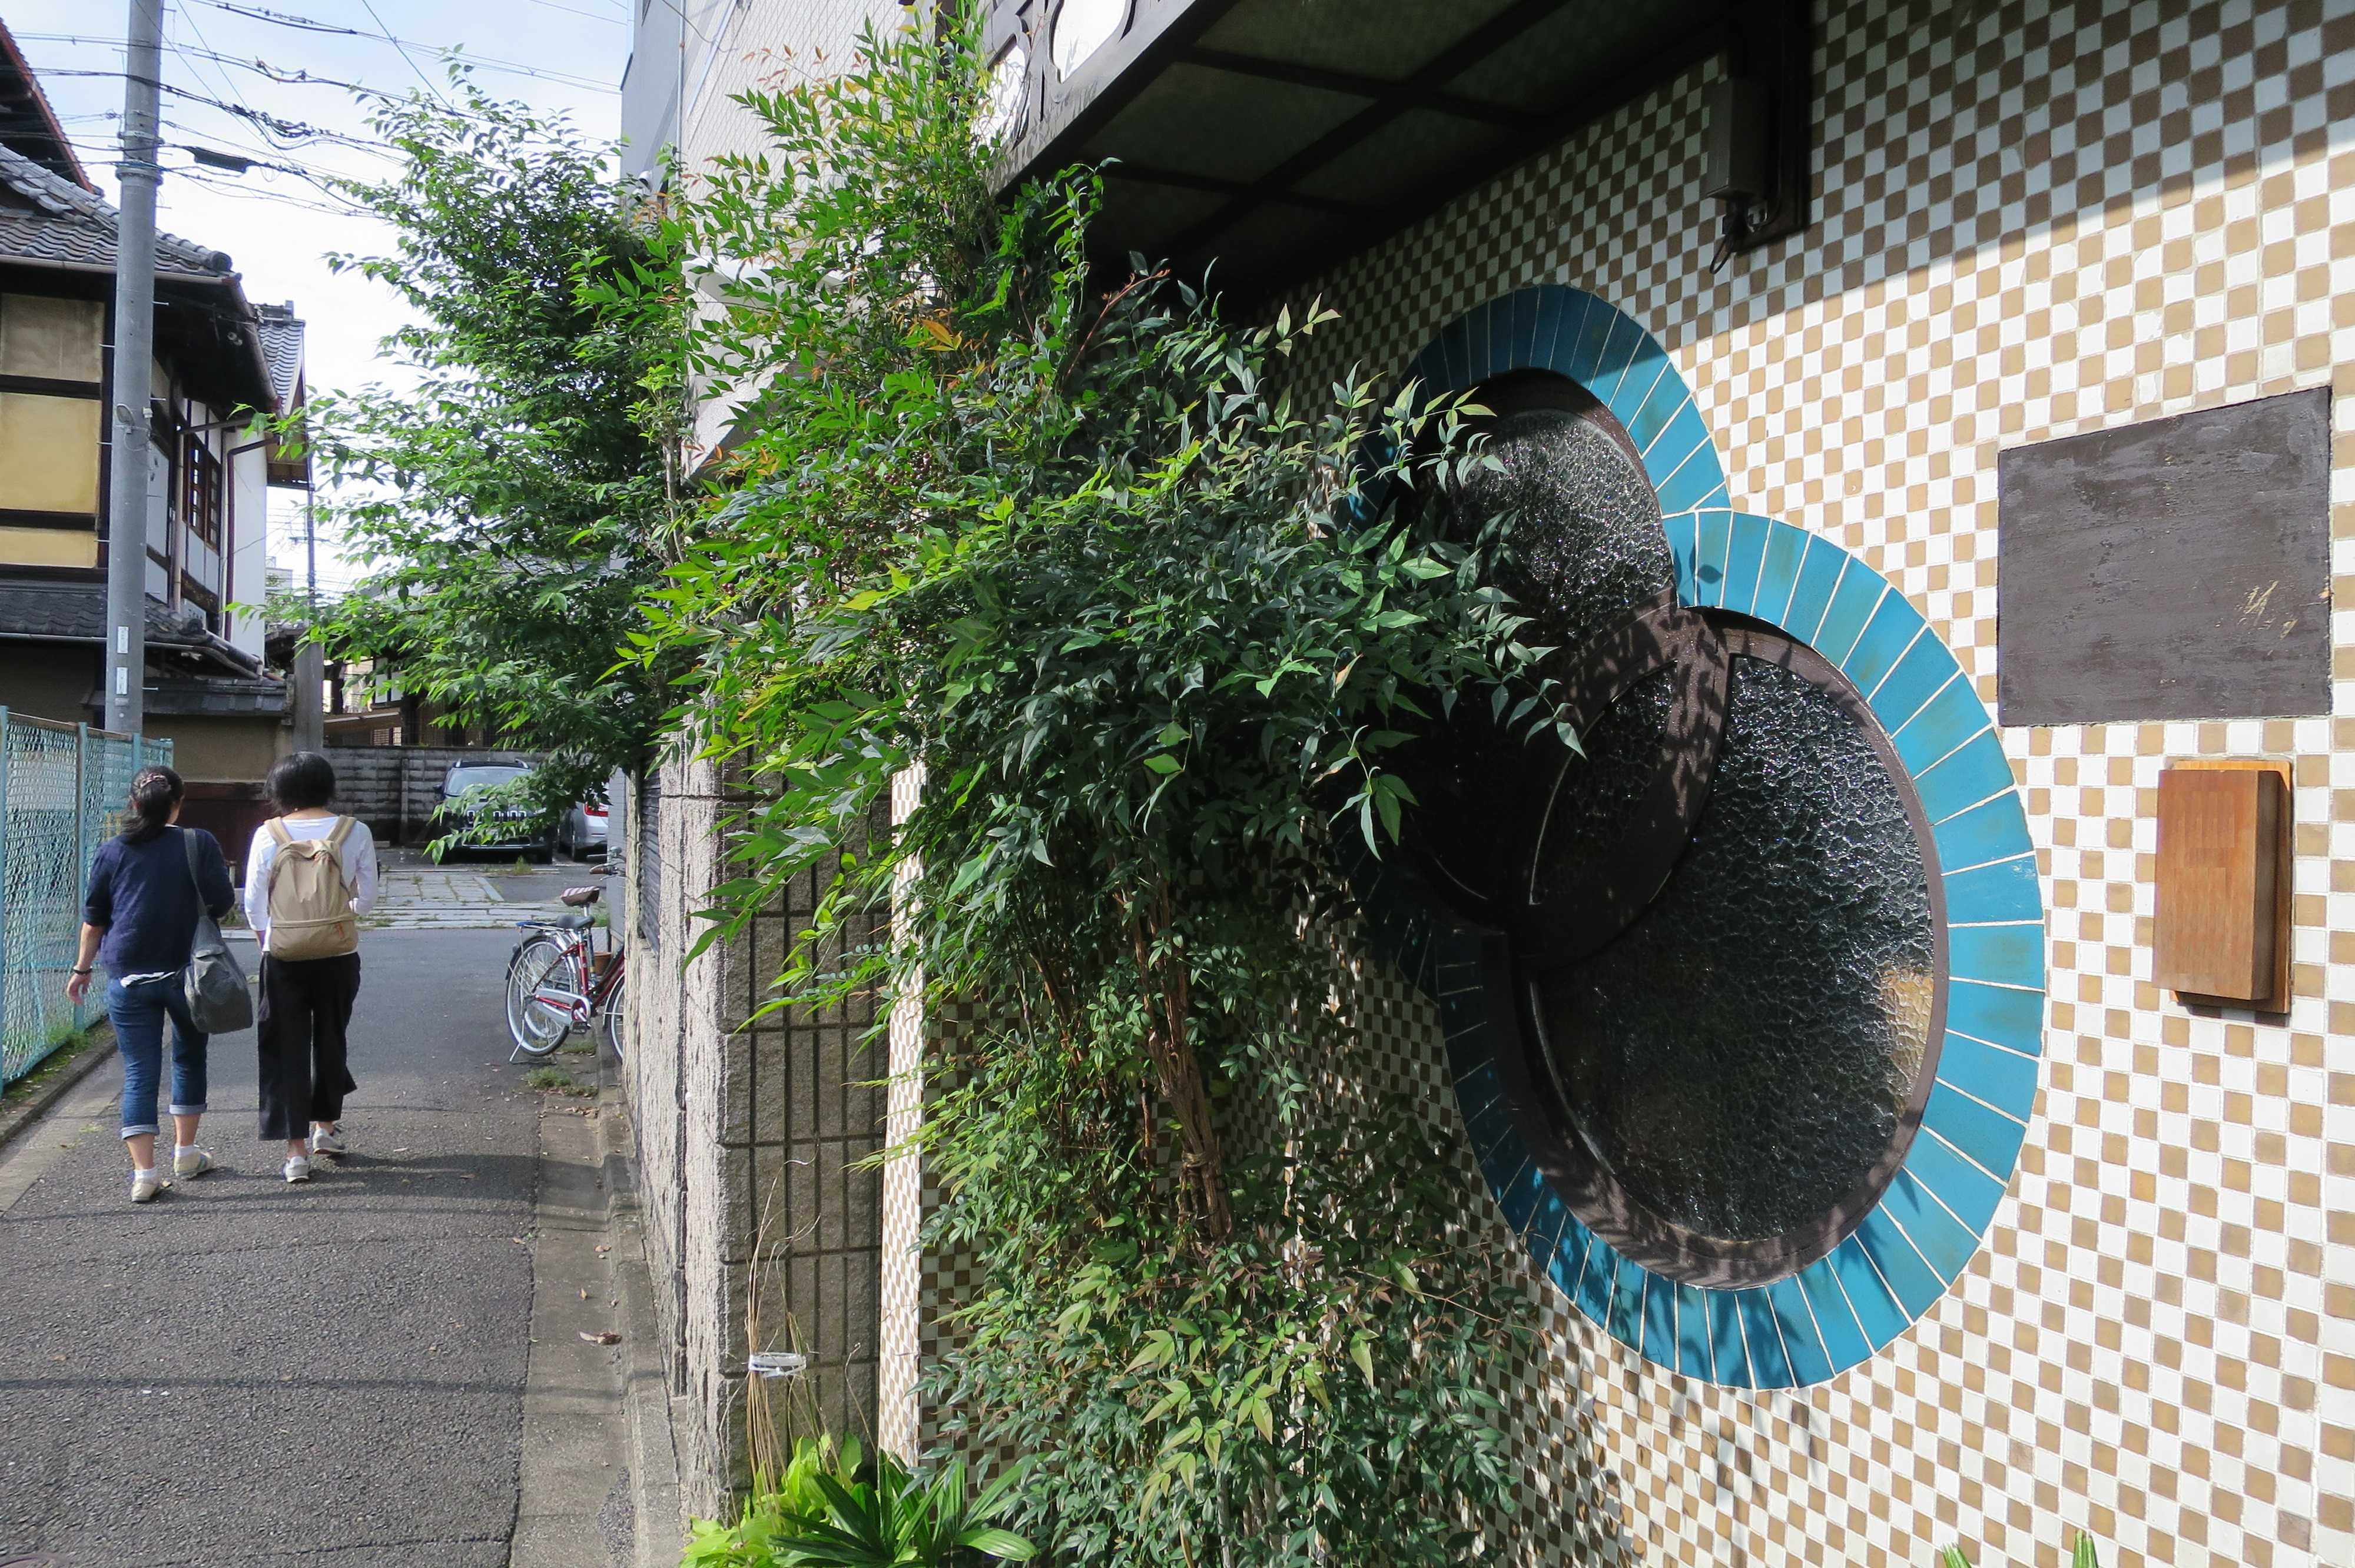 京都・五条楽園 - タイル張りの壁とひょうたん型のくもりガラス(型板ガラス)